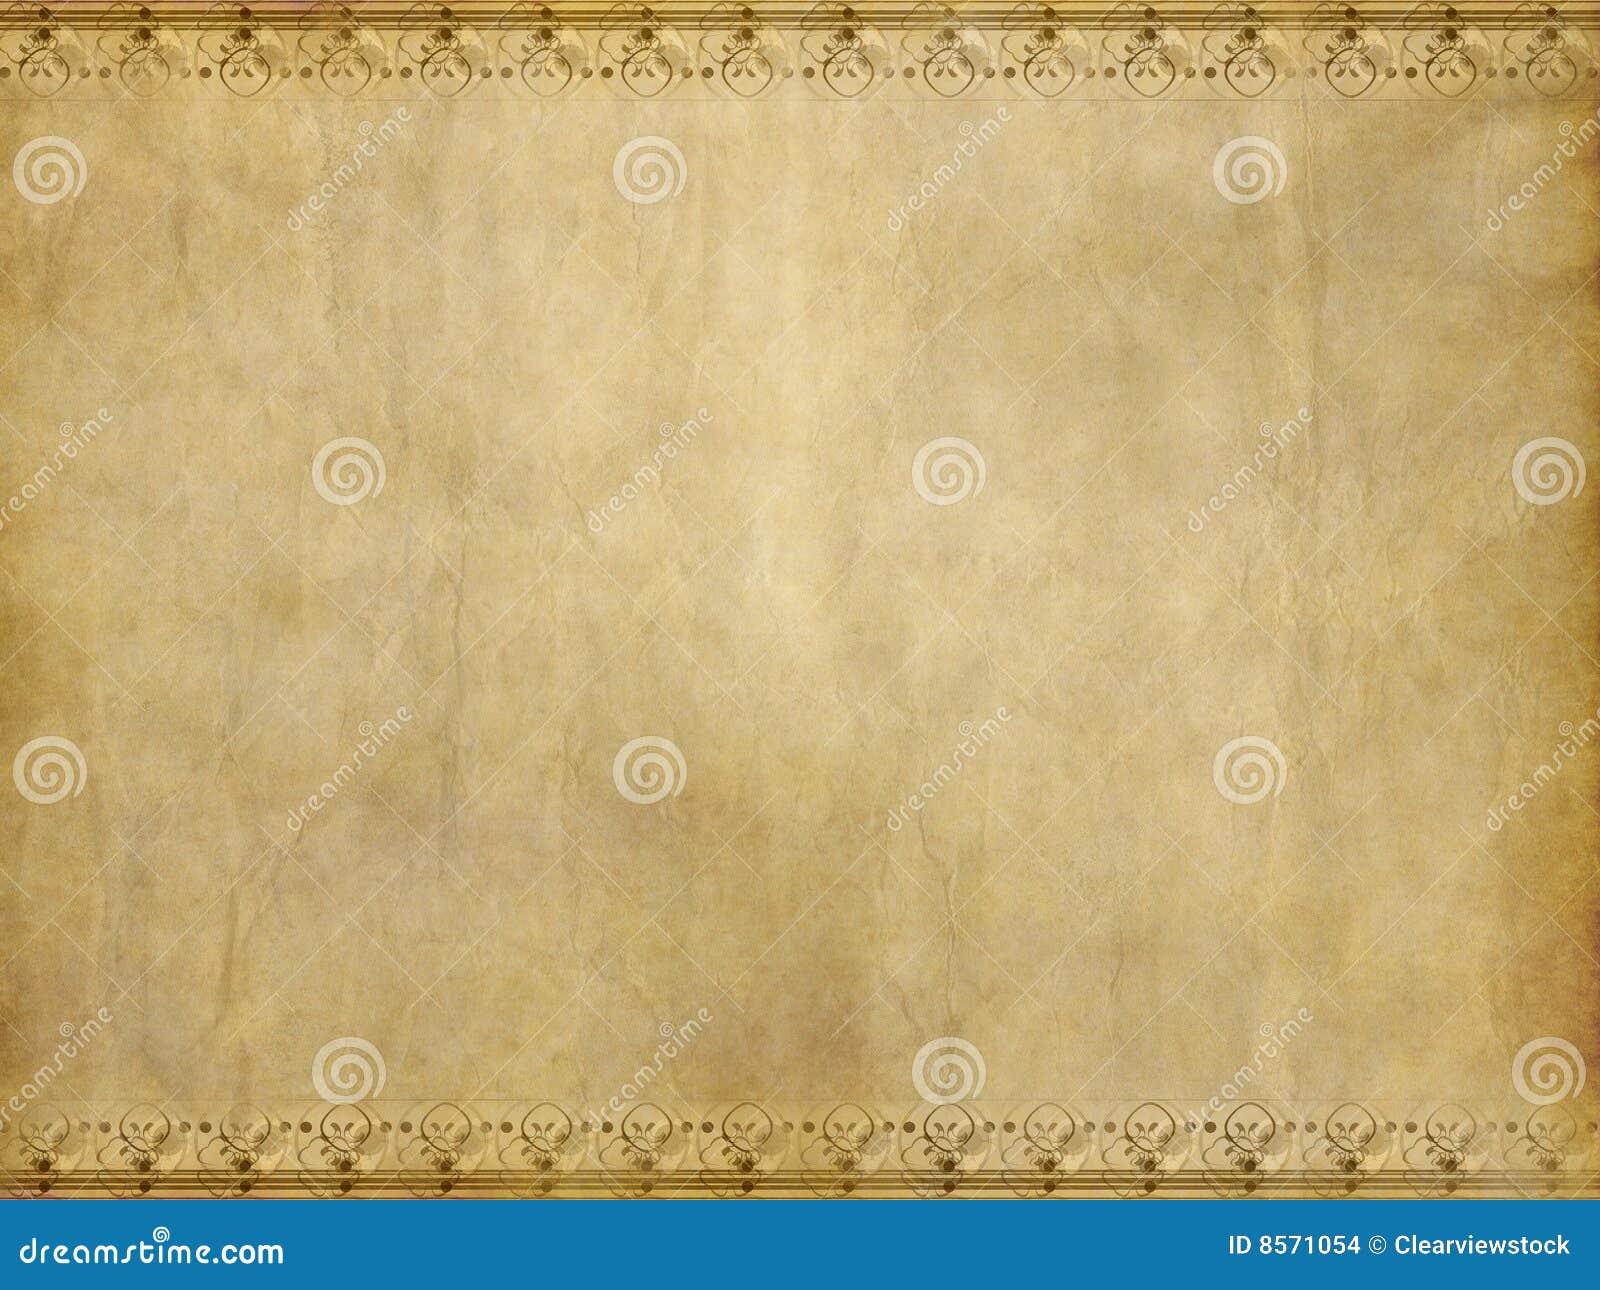 Old floral parchment paper texture